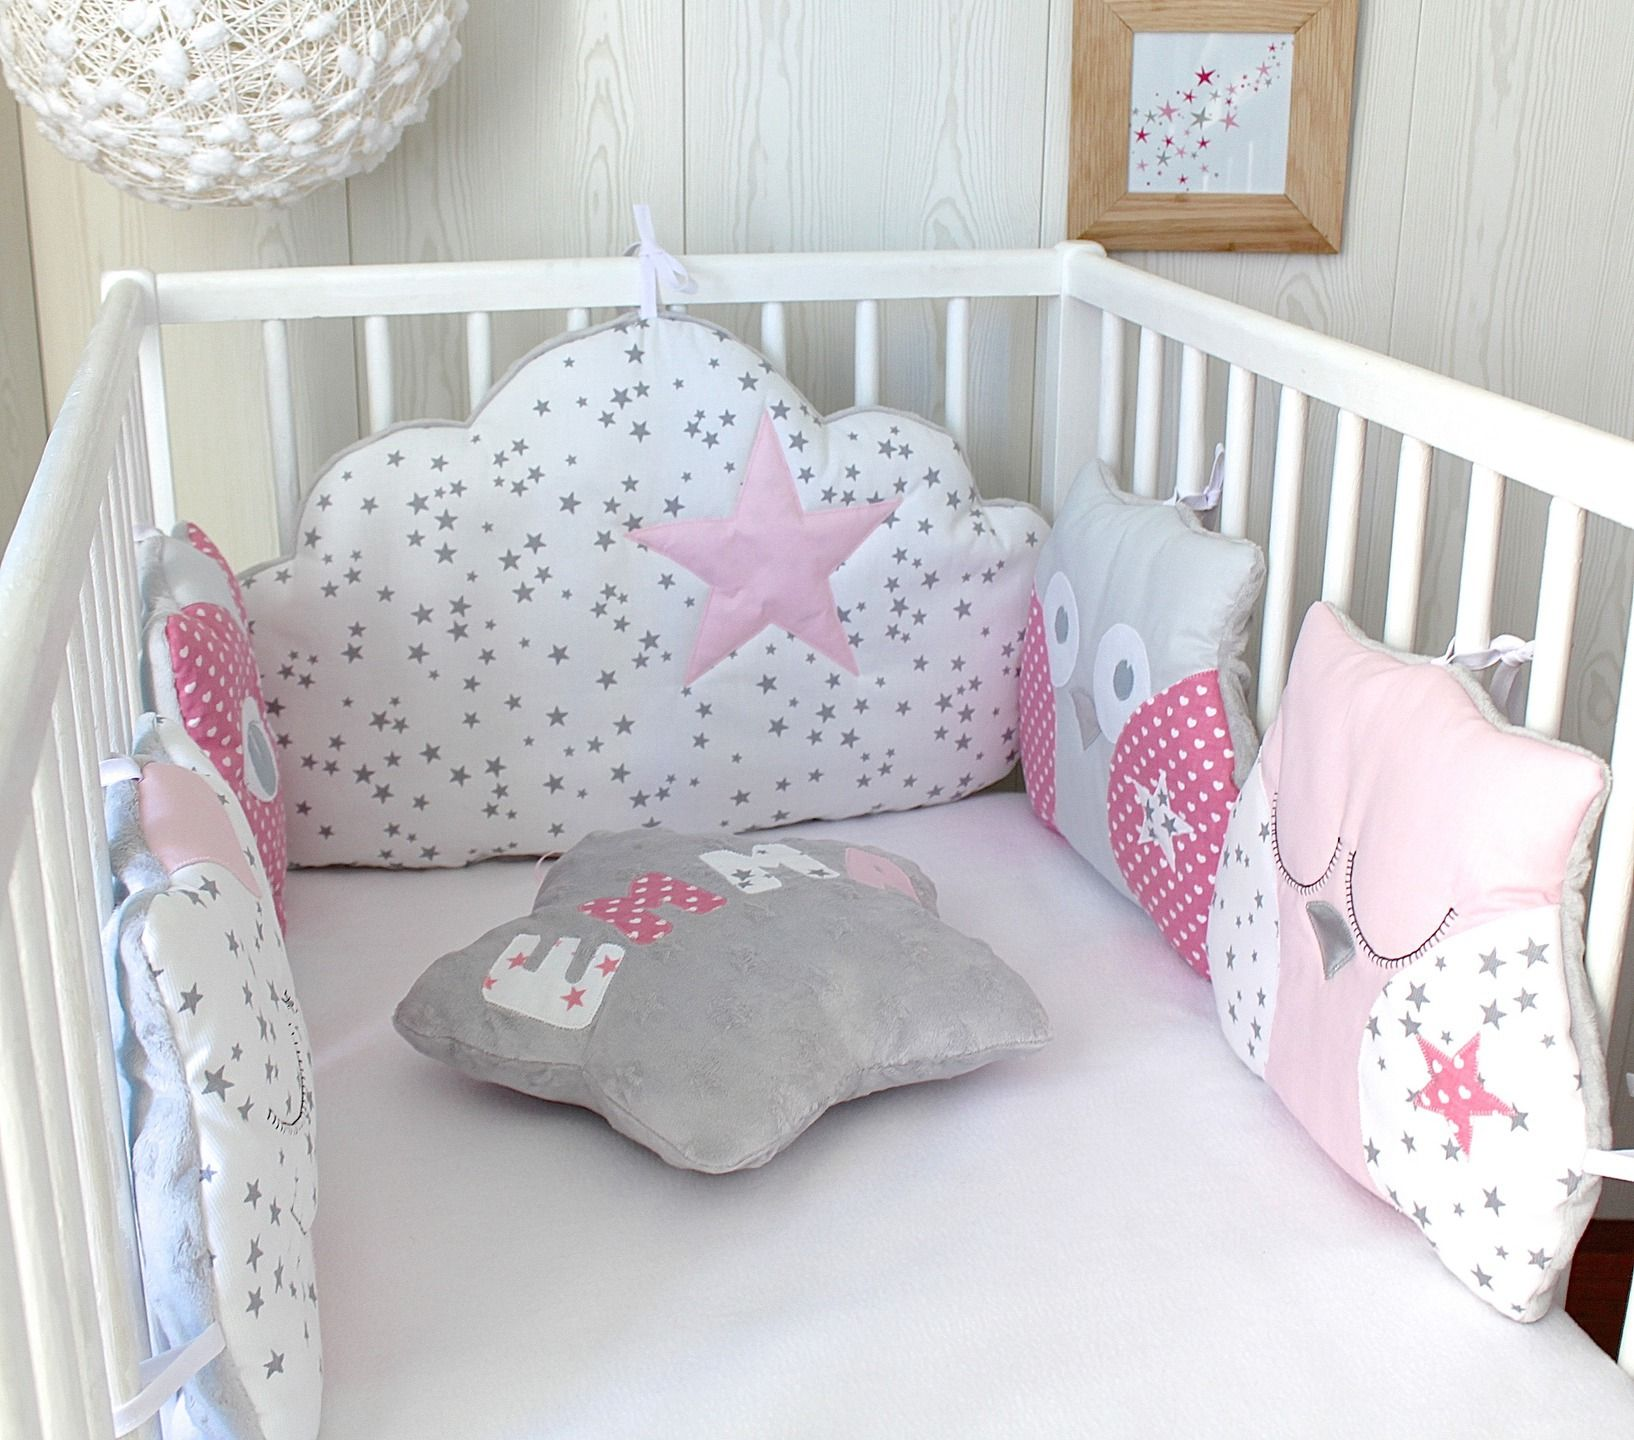 Tour de lit 5 coussins chat et hibou ou chouette tons roses et gris linge de lit enfants par - Tour de lit rose poudre ...